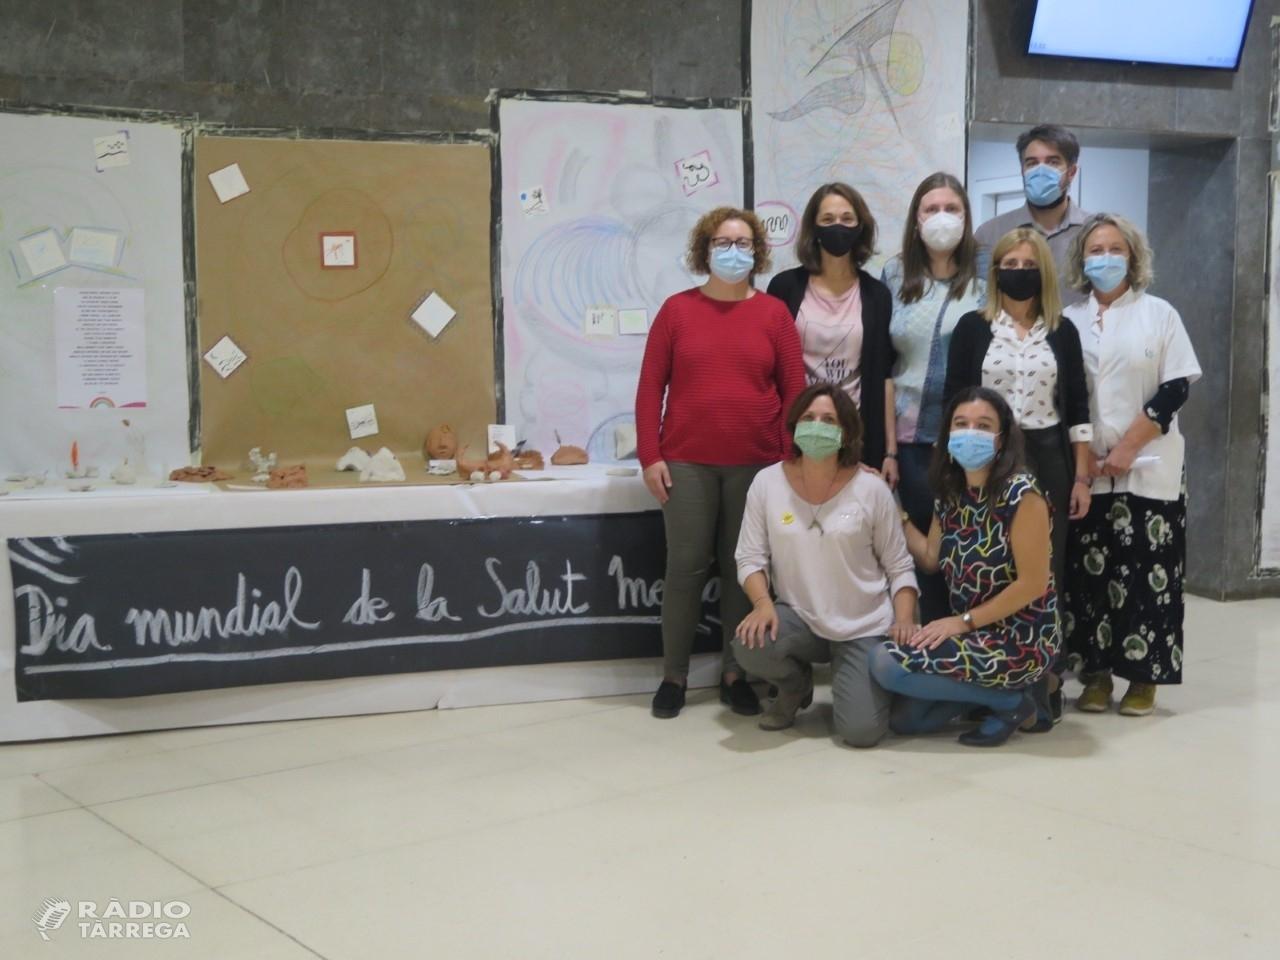 El confinament i les seves conseqüències, eix central de l'exposició 'Art-teràpia i pandèmia' inaugurada avui a l'Hospital Universitari de Santa Maria de Lleida